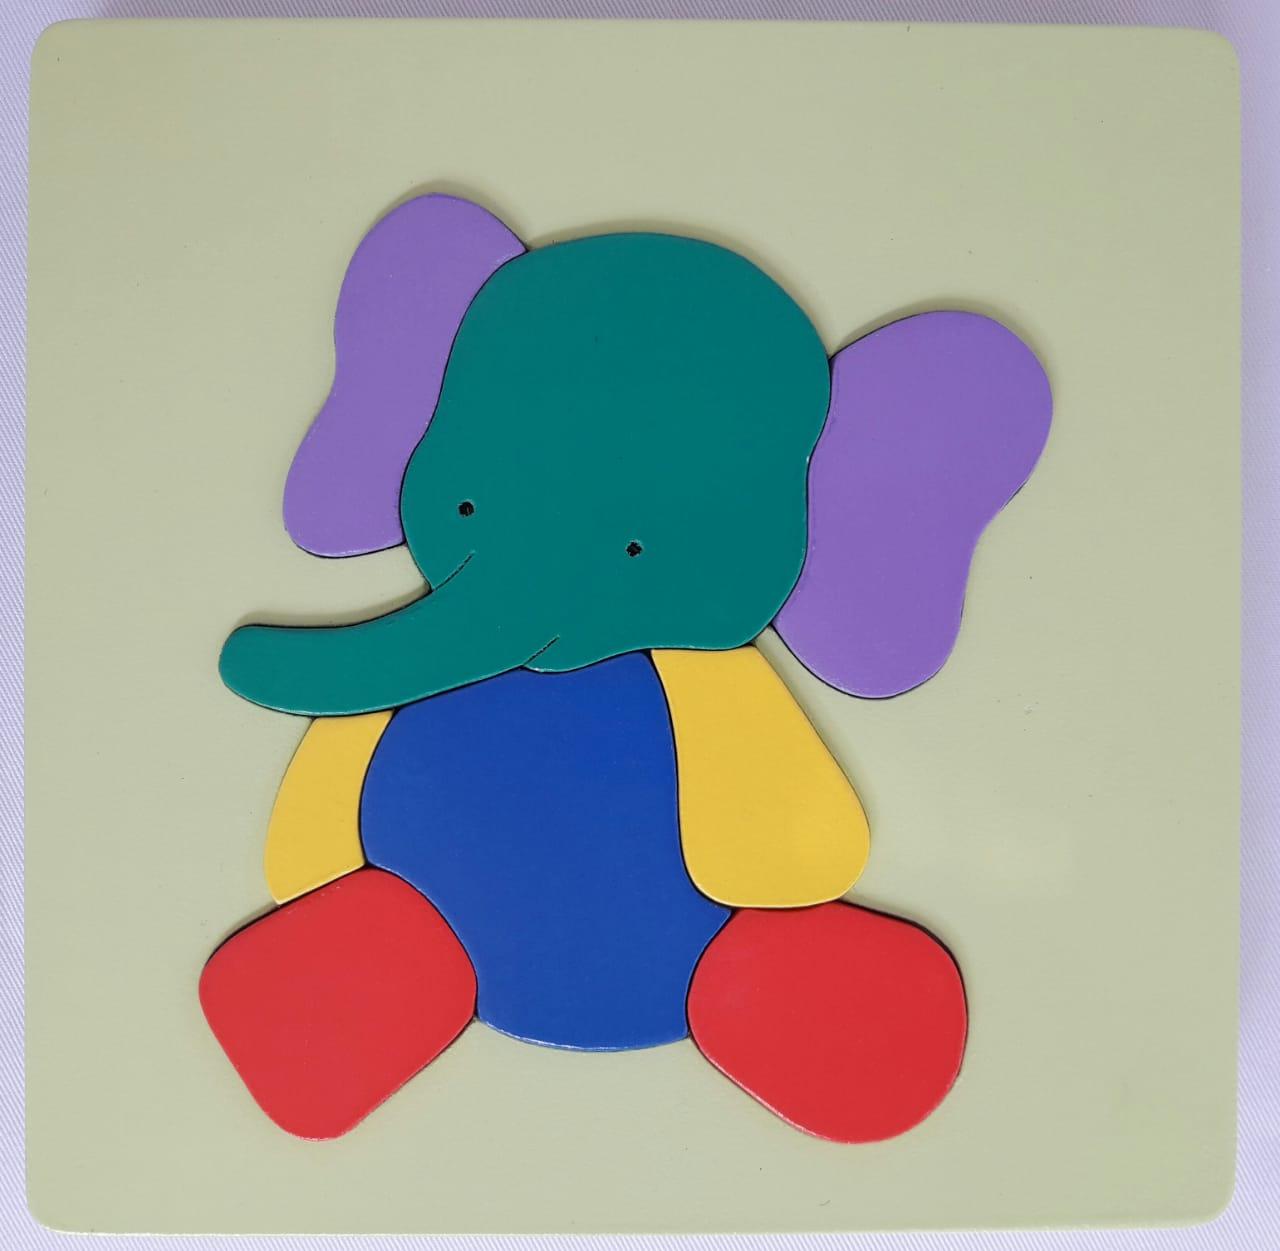 Toko Online Mainan Edukatif Anak puzzle hewan binatang gajah